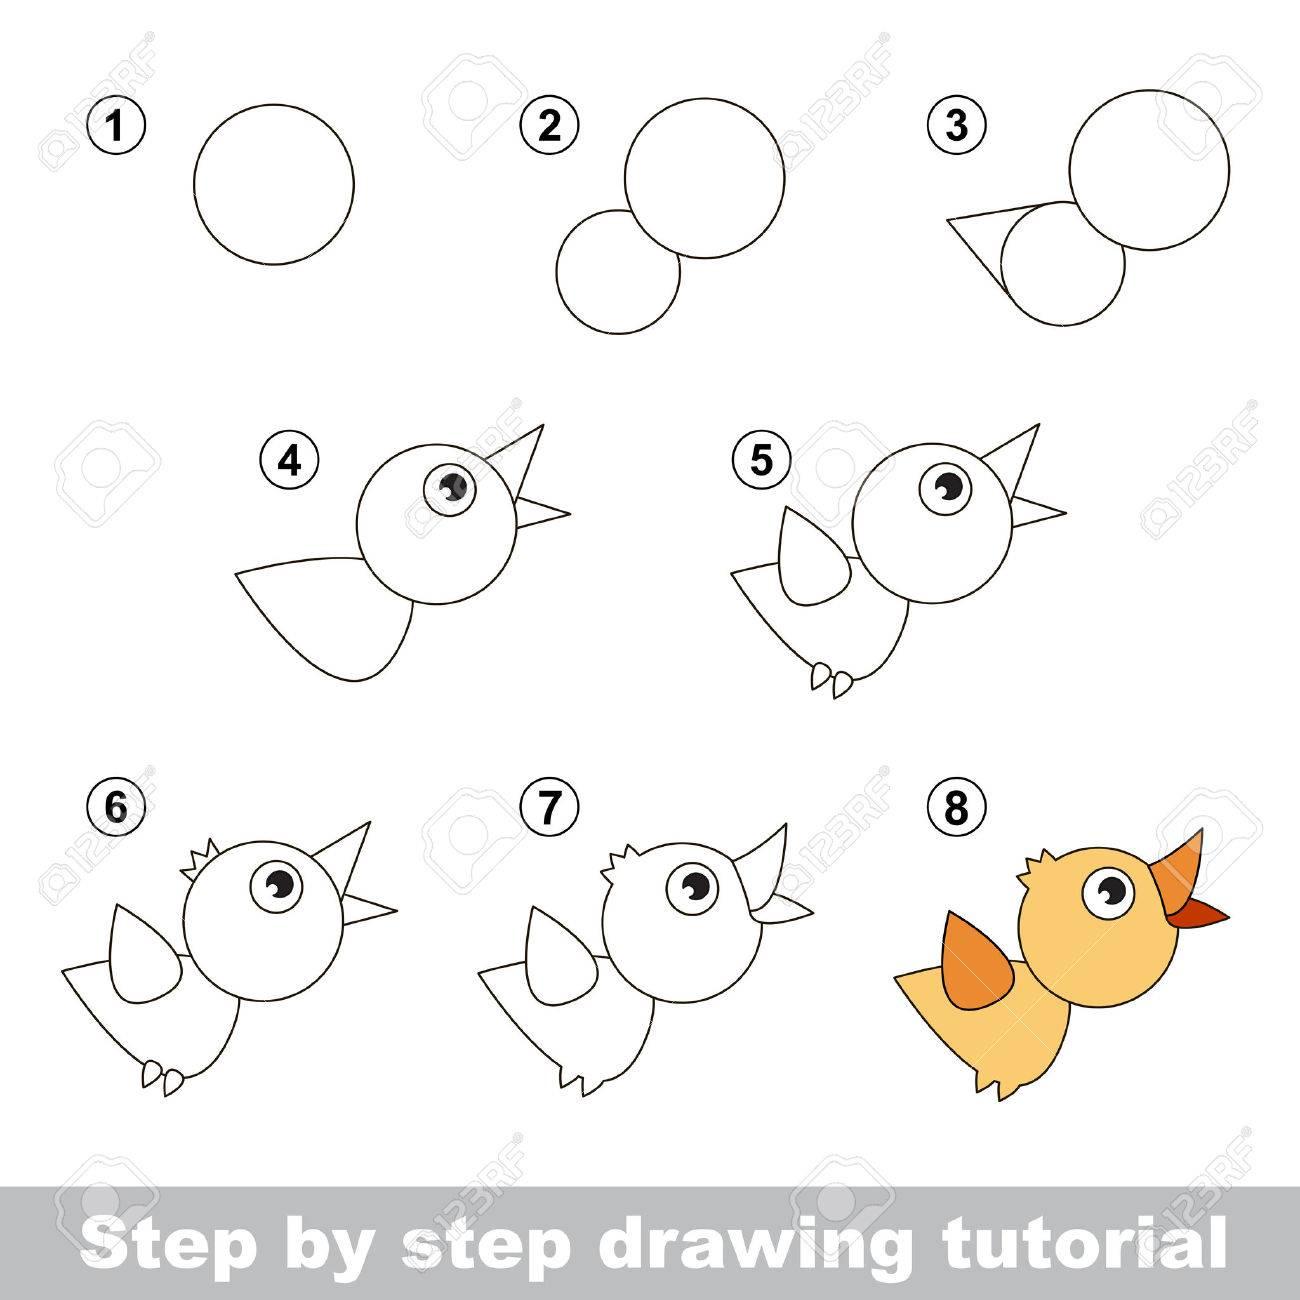 Paso A Paso Tutorial De Dibujo Juego Visual Para Los Ninos Como